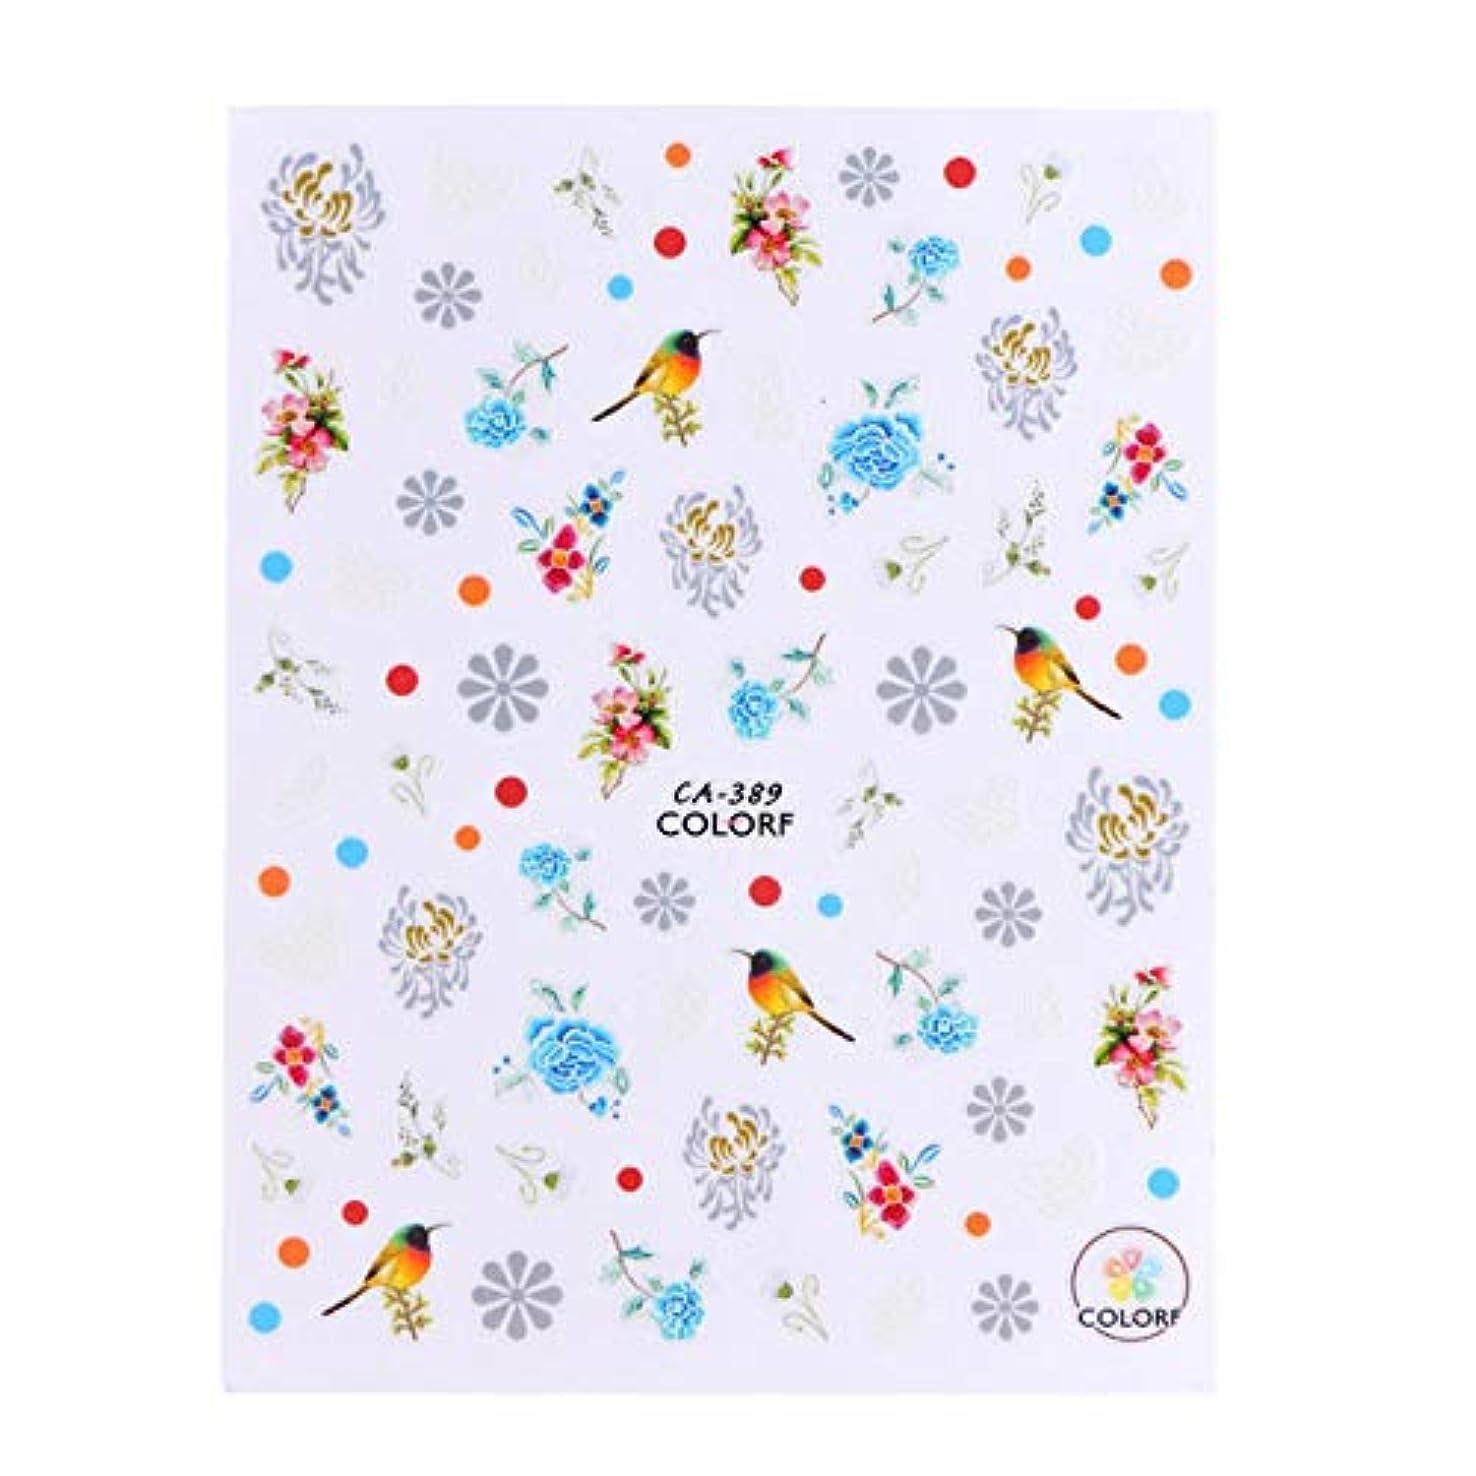 飲み込む見落とす関連するSUKTI&XIAO ネイルステッカー 1ピースエレガントフラワーネイルステッカー葉粘着ラップネイルアートデカールスライダーチャーム花飾りのヒント